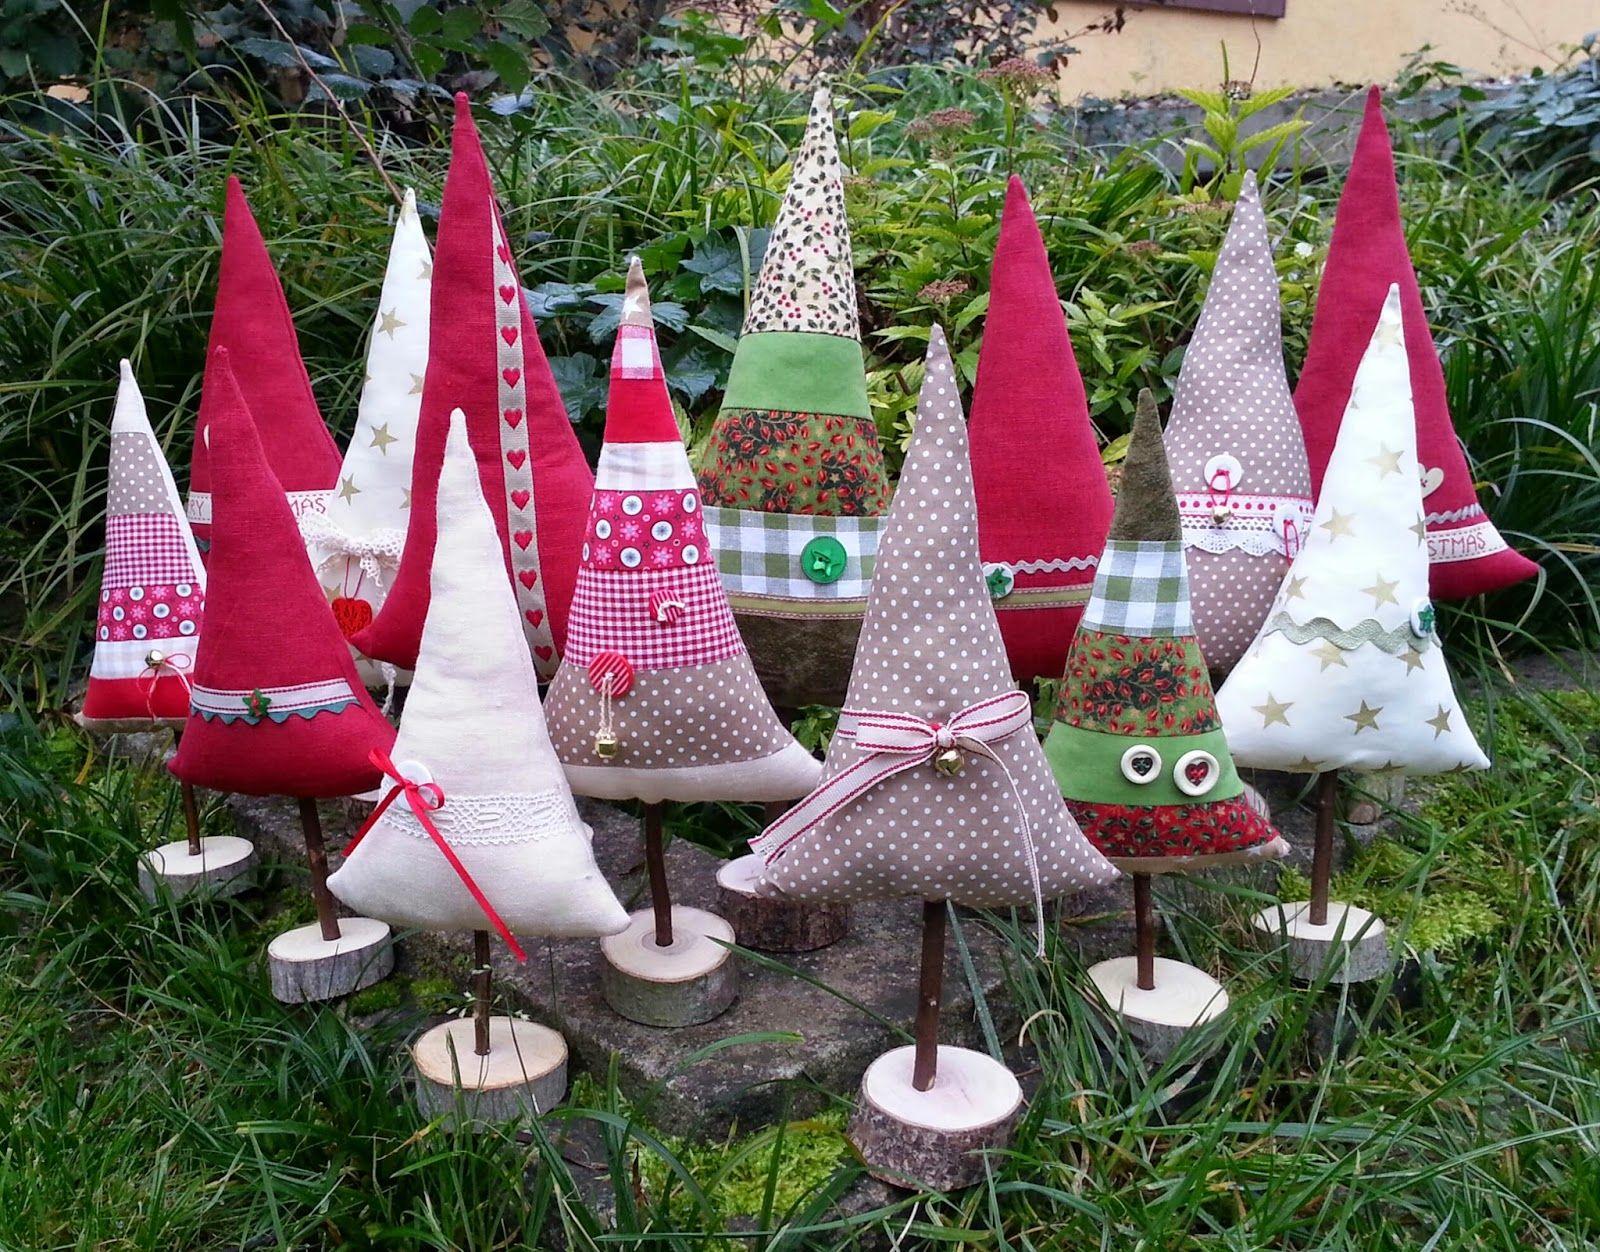 ogginelle ideen aus stoff tannenwald christmas n hen weihnachten weihnachtsdeko n hen. Black Bedroom Furniture Sets. Home Design Ideas